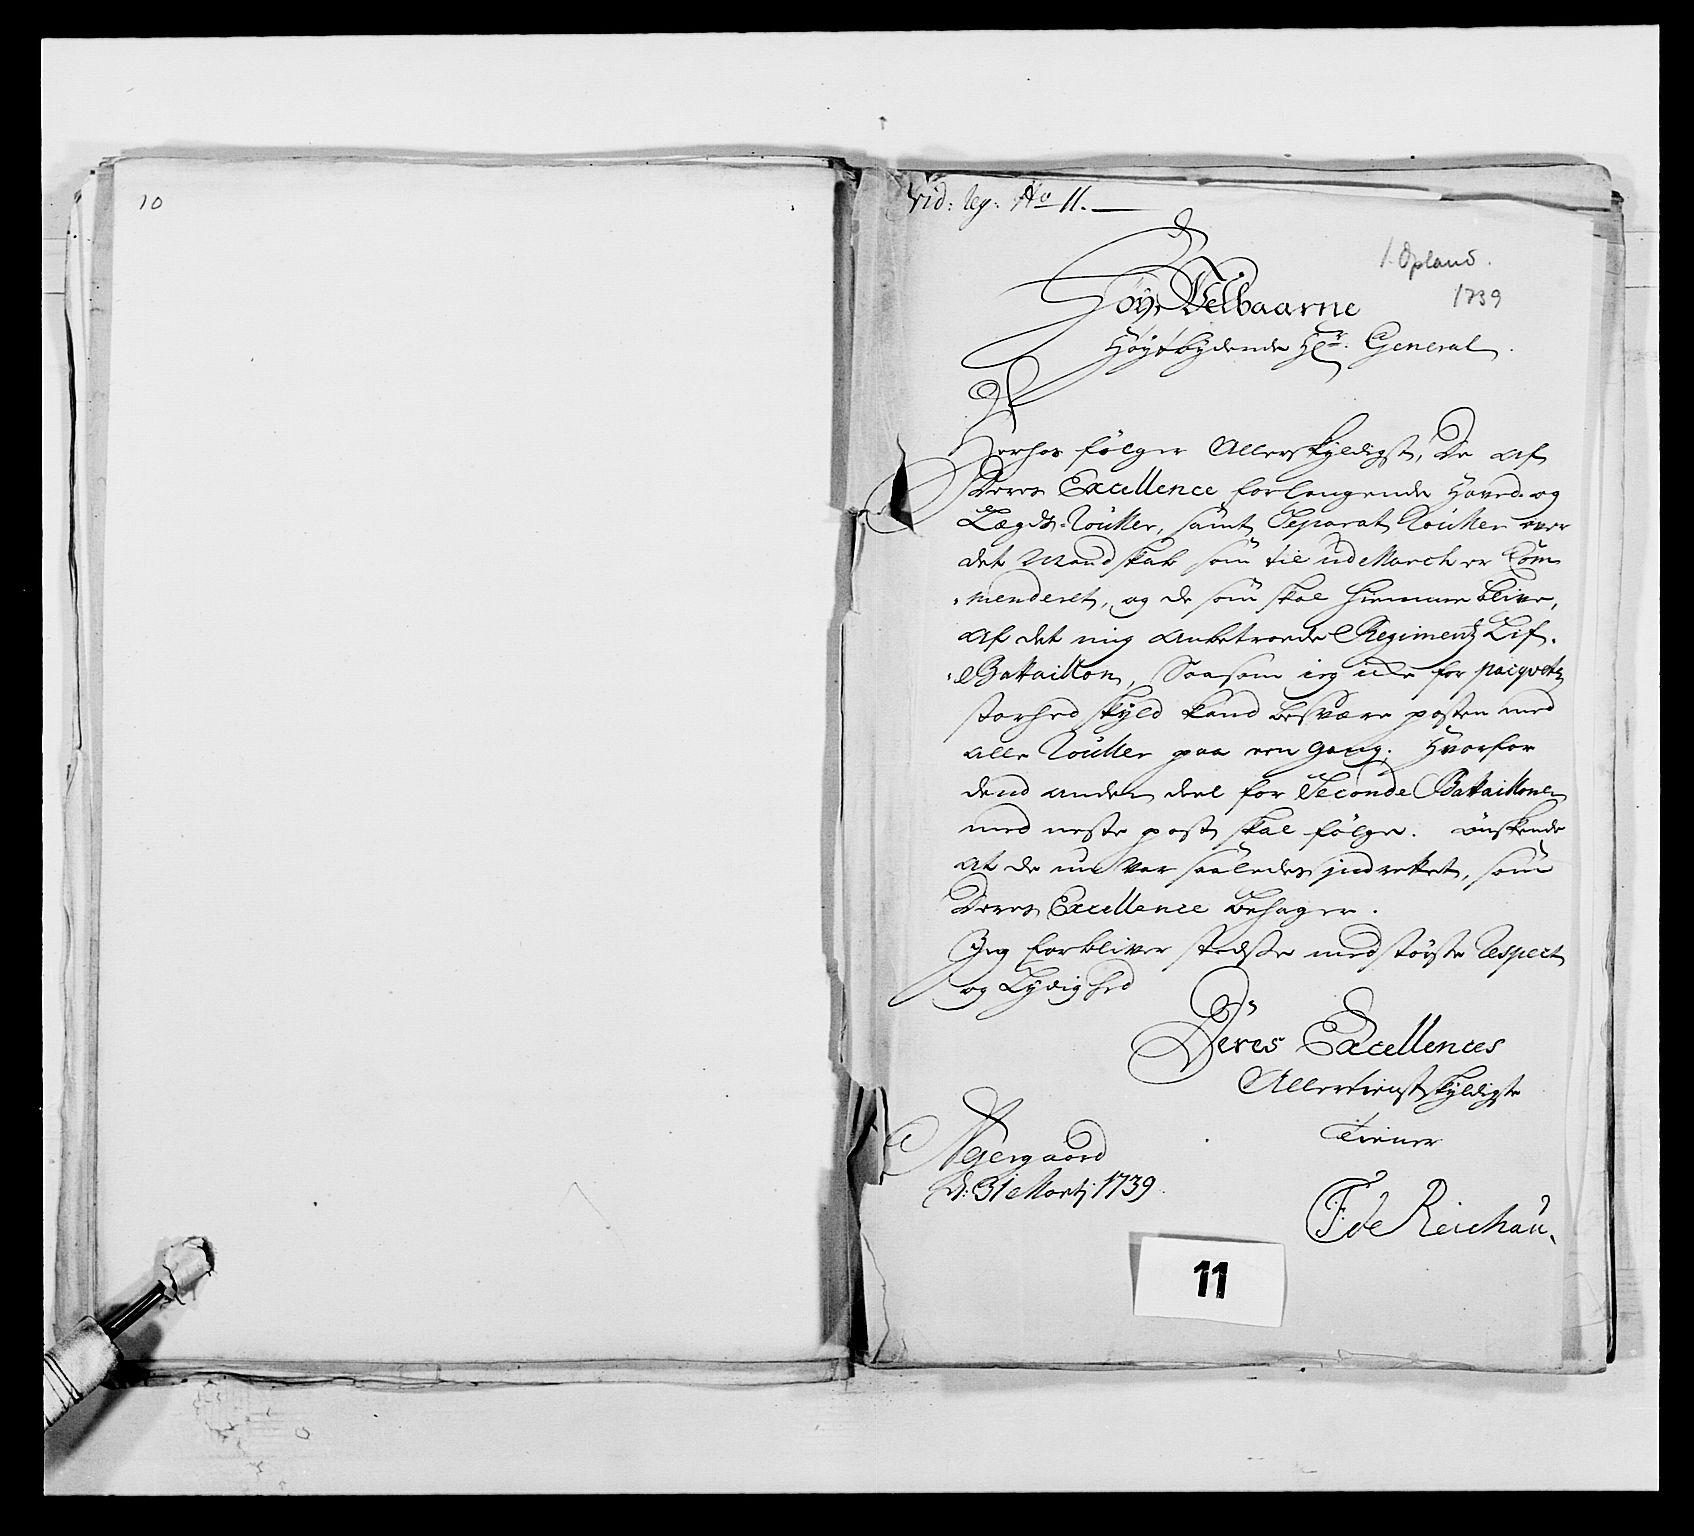 RA, Kommanderende general (KG I) med Det norske krigsdirektorium, E/Ea/L0502: 1. Opplandske regiment, 1720-1743, p. 118